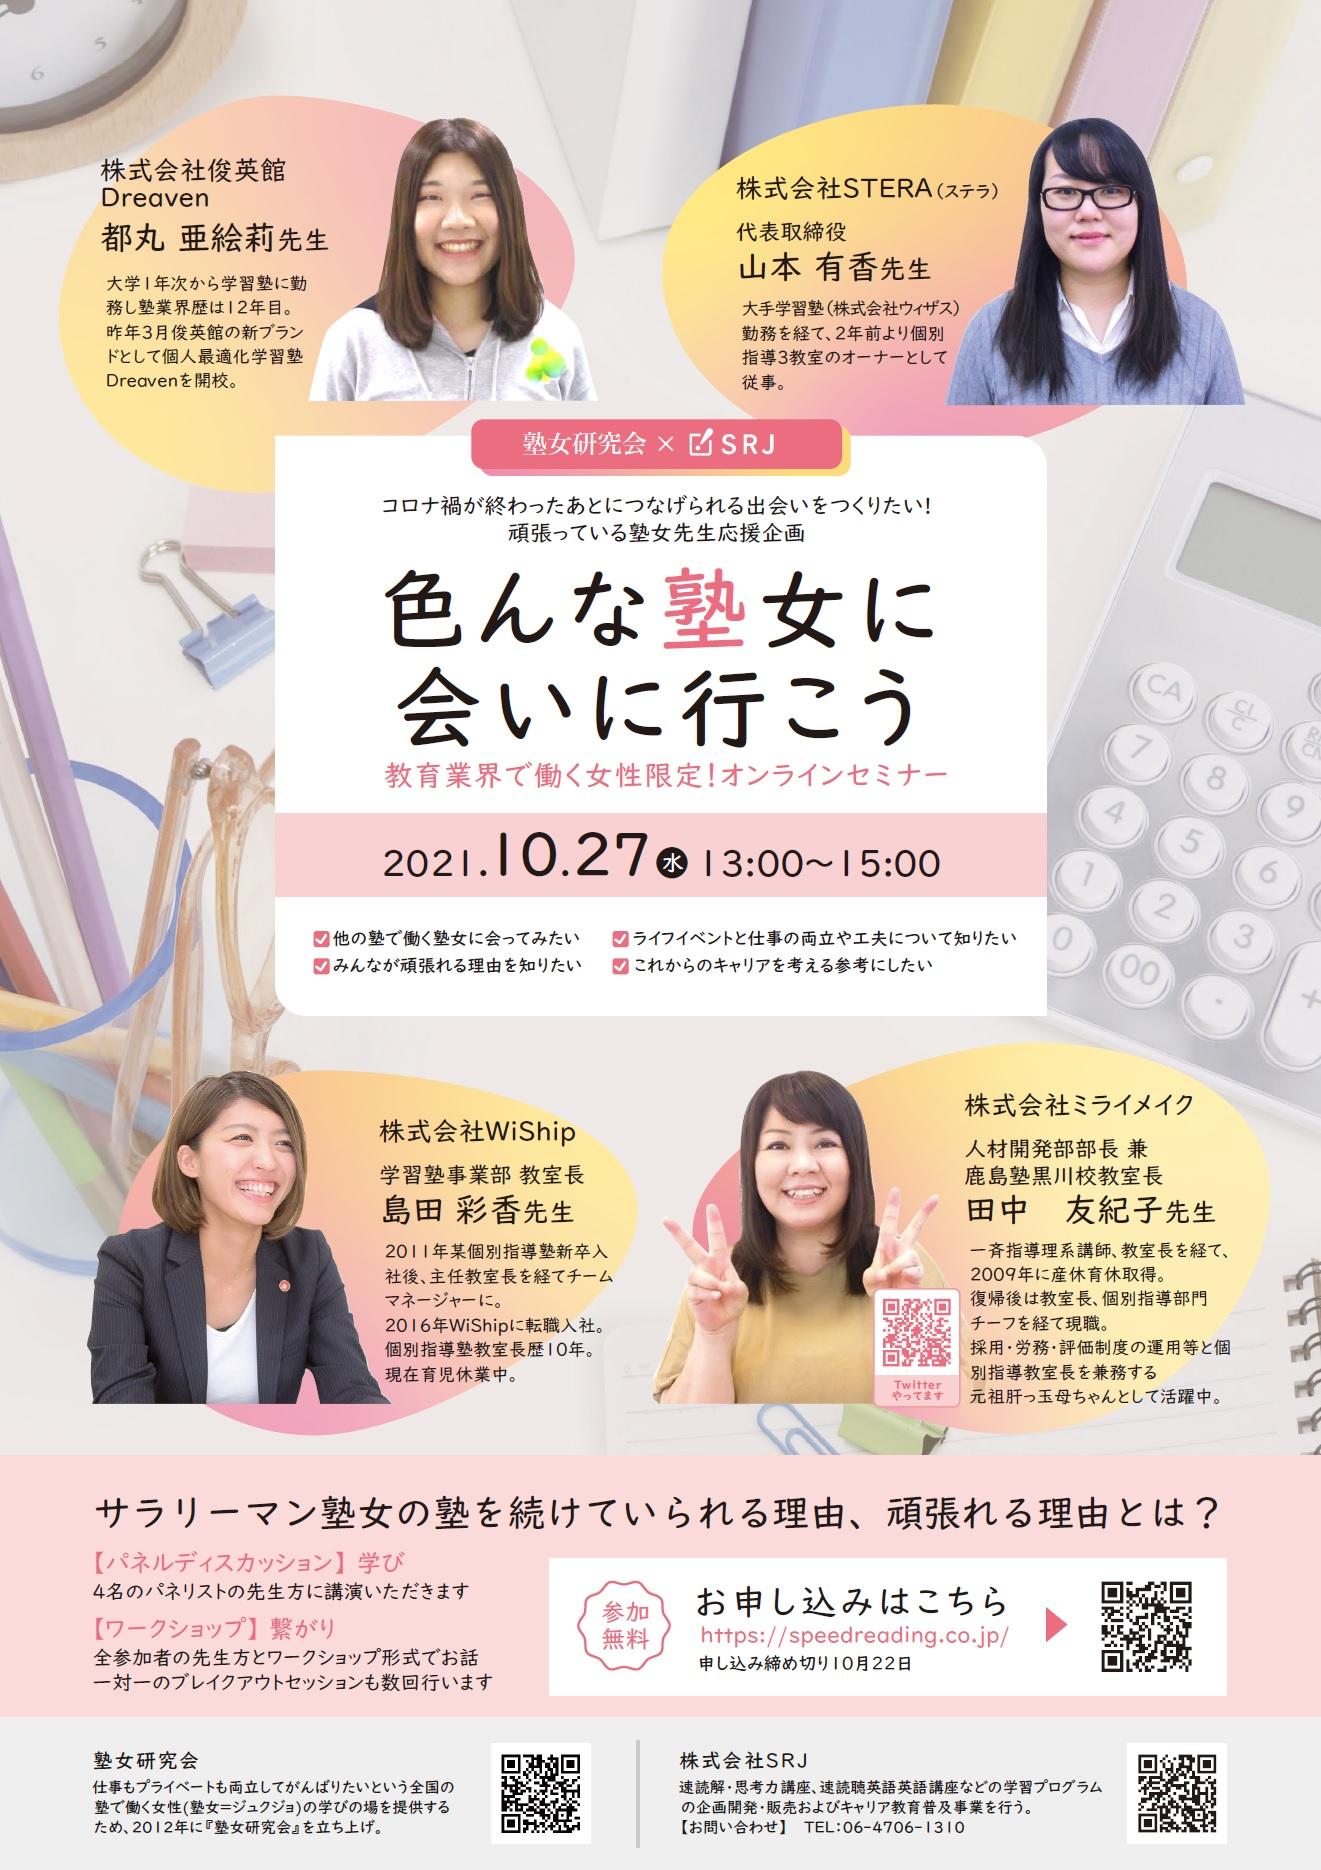 塾で働く女性対象の勉強会